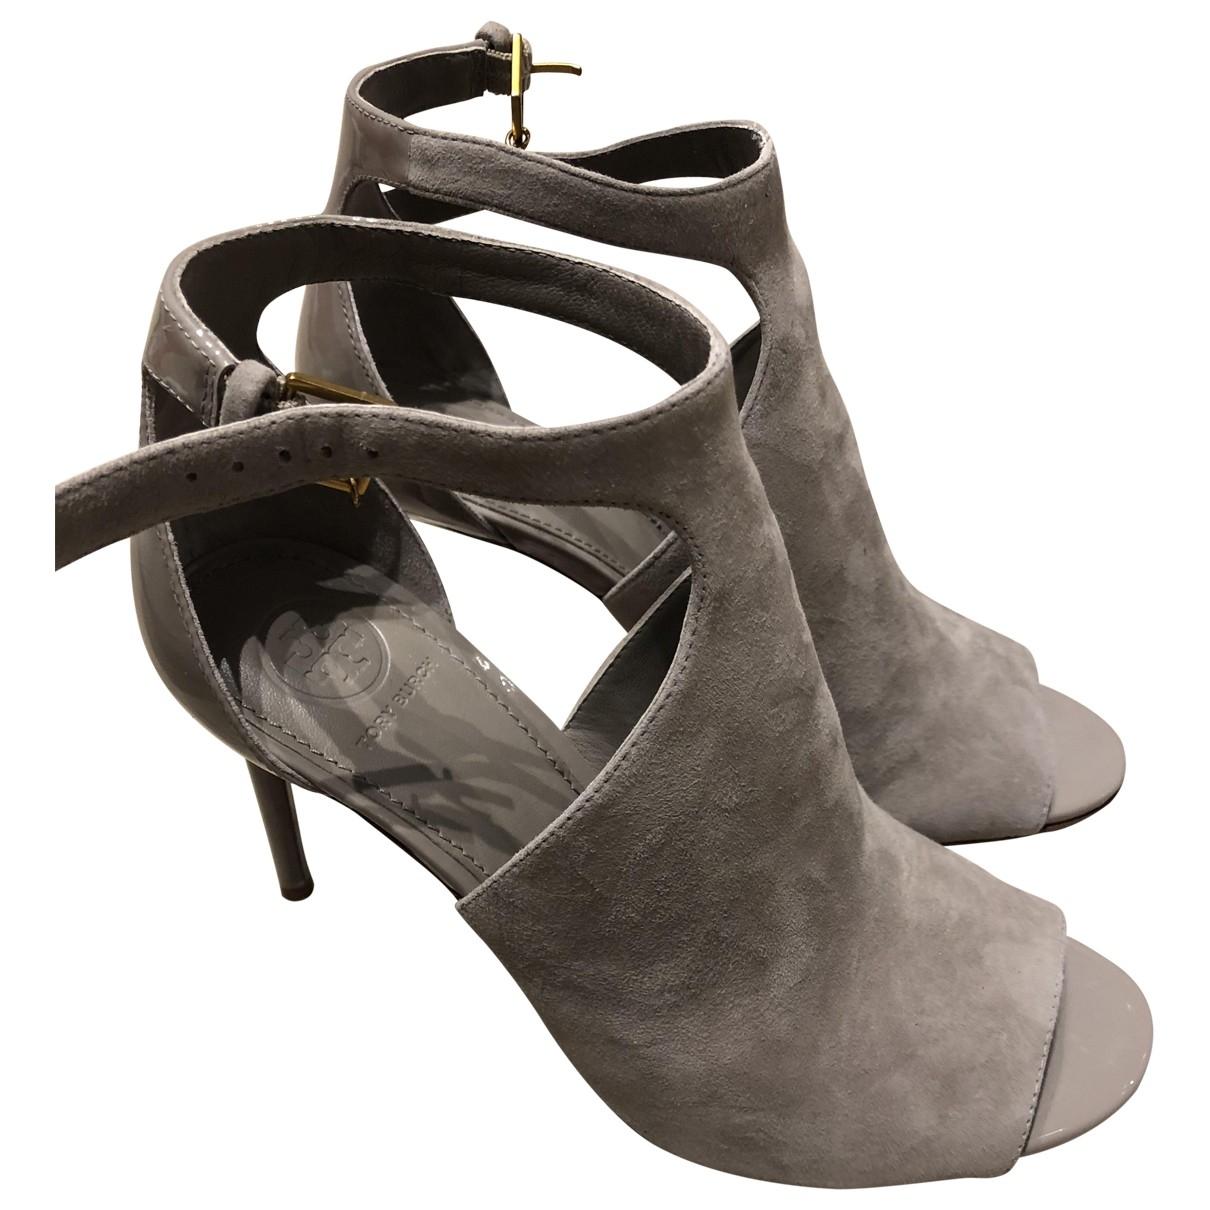 Tory Burch - Boots   pour femme en suede - gris